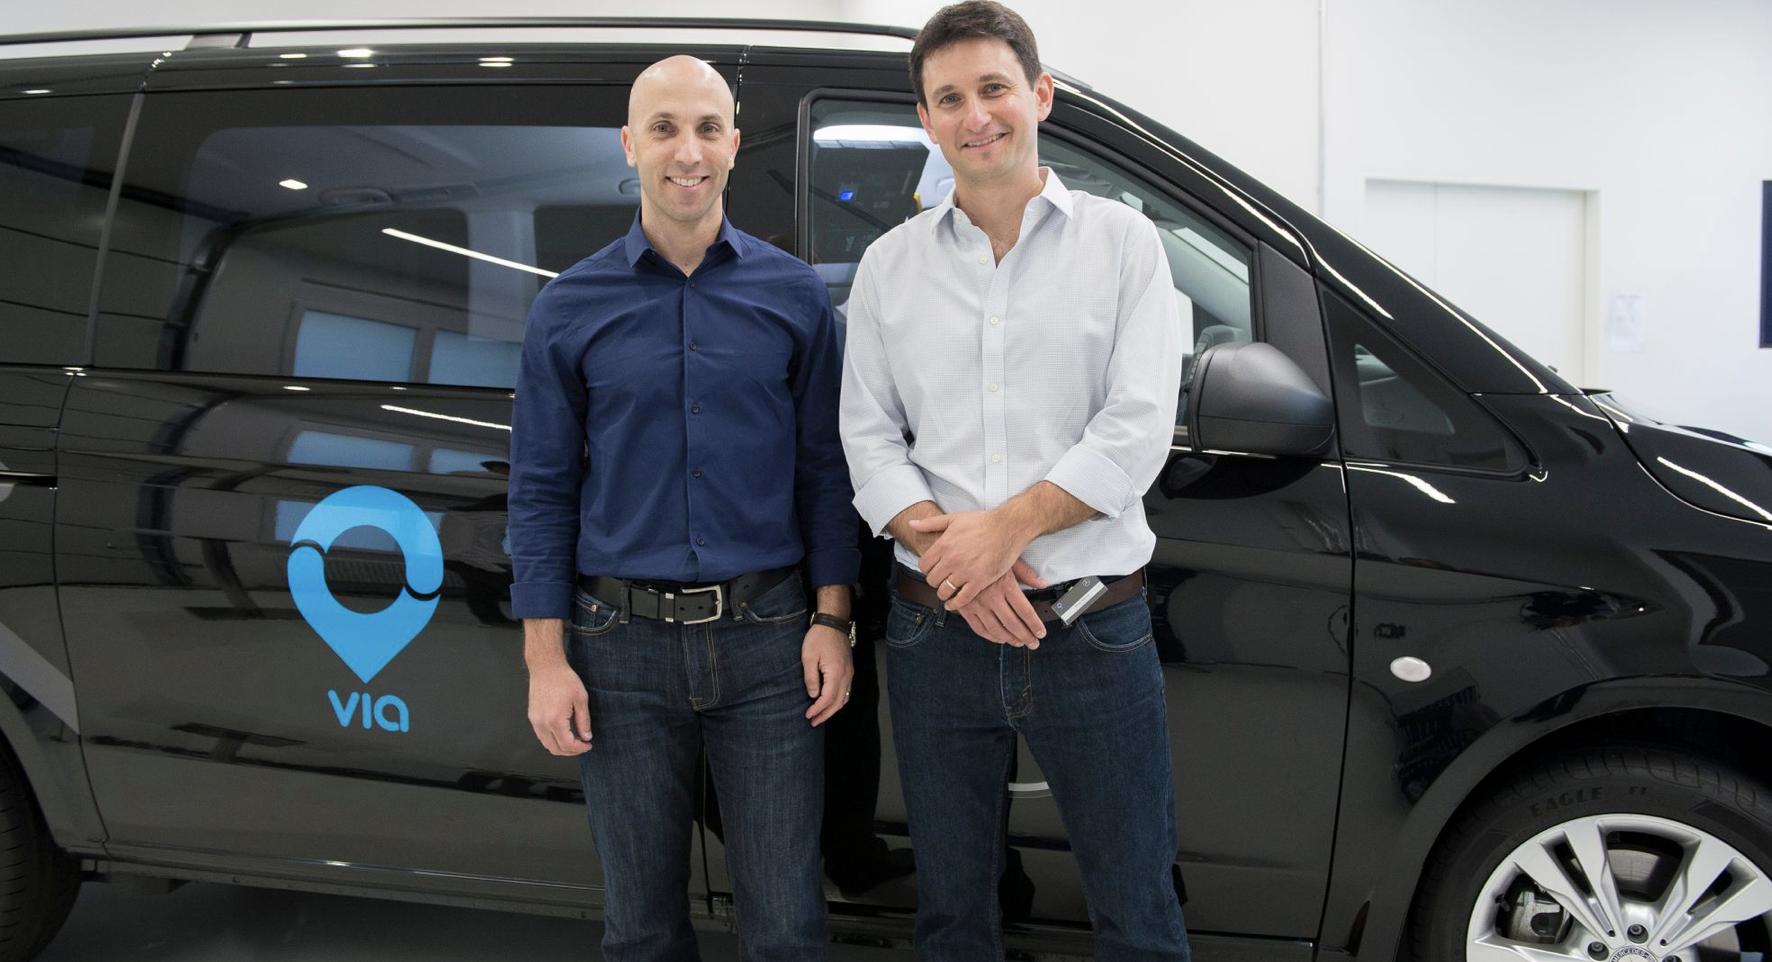 Obrazek przedstawia dwójkę inżynierów stojących przed samochodem autonomicznym startupu Via.